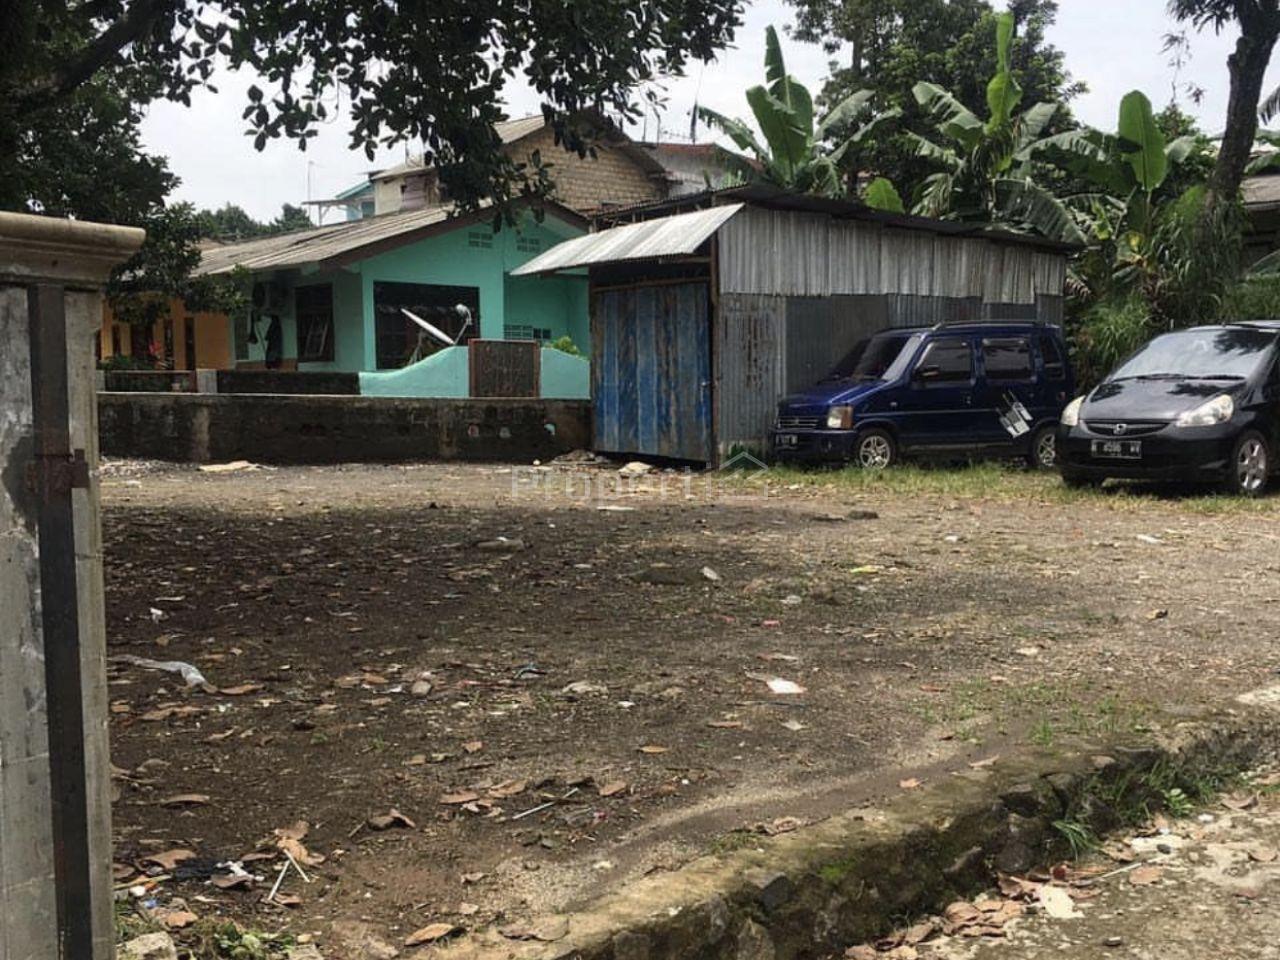 Residential Land at Bantarjati, Bogor City, Jawa Barat